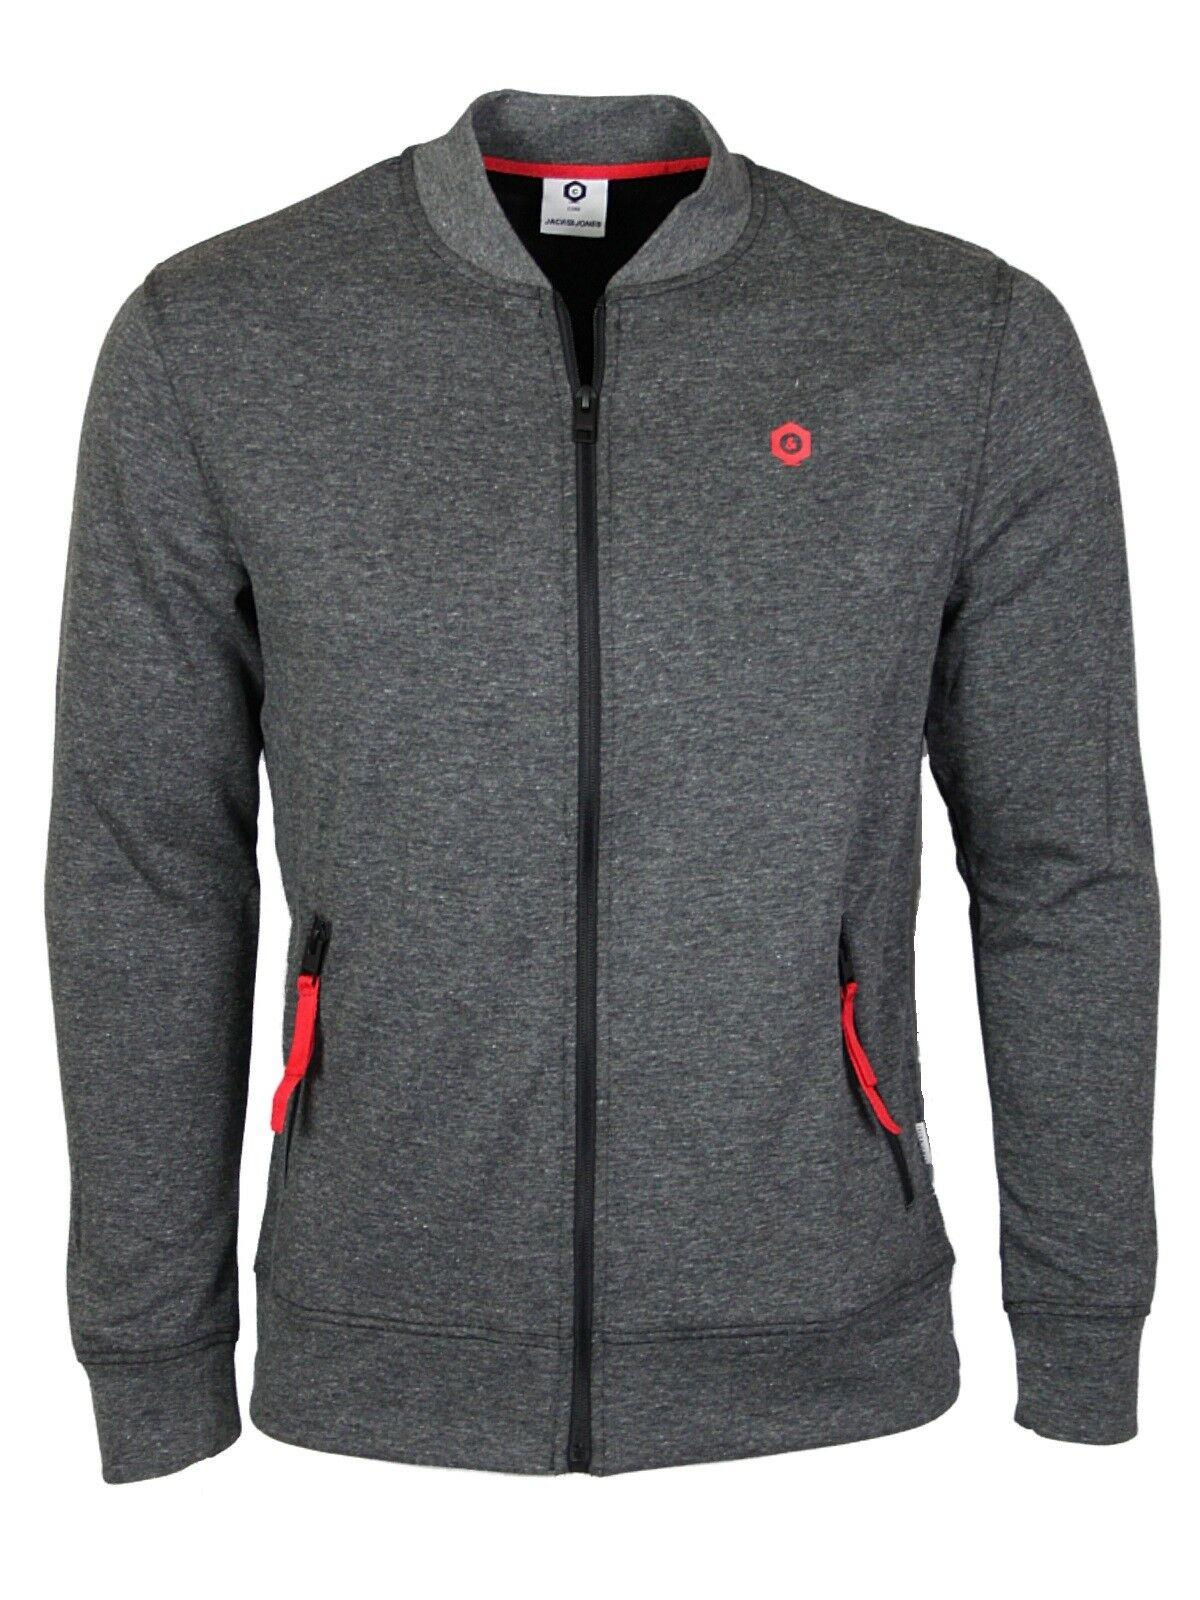 Jack /& Jones Men/'s Zip Up Hoodies Sweat Cardigan Jacket All Sizes XS to XL